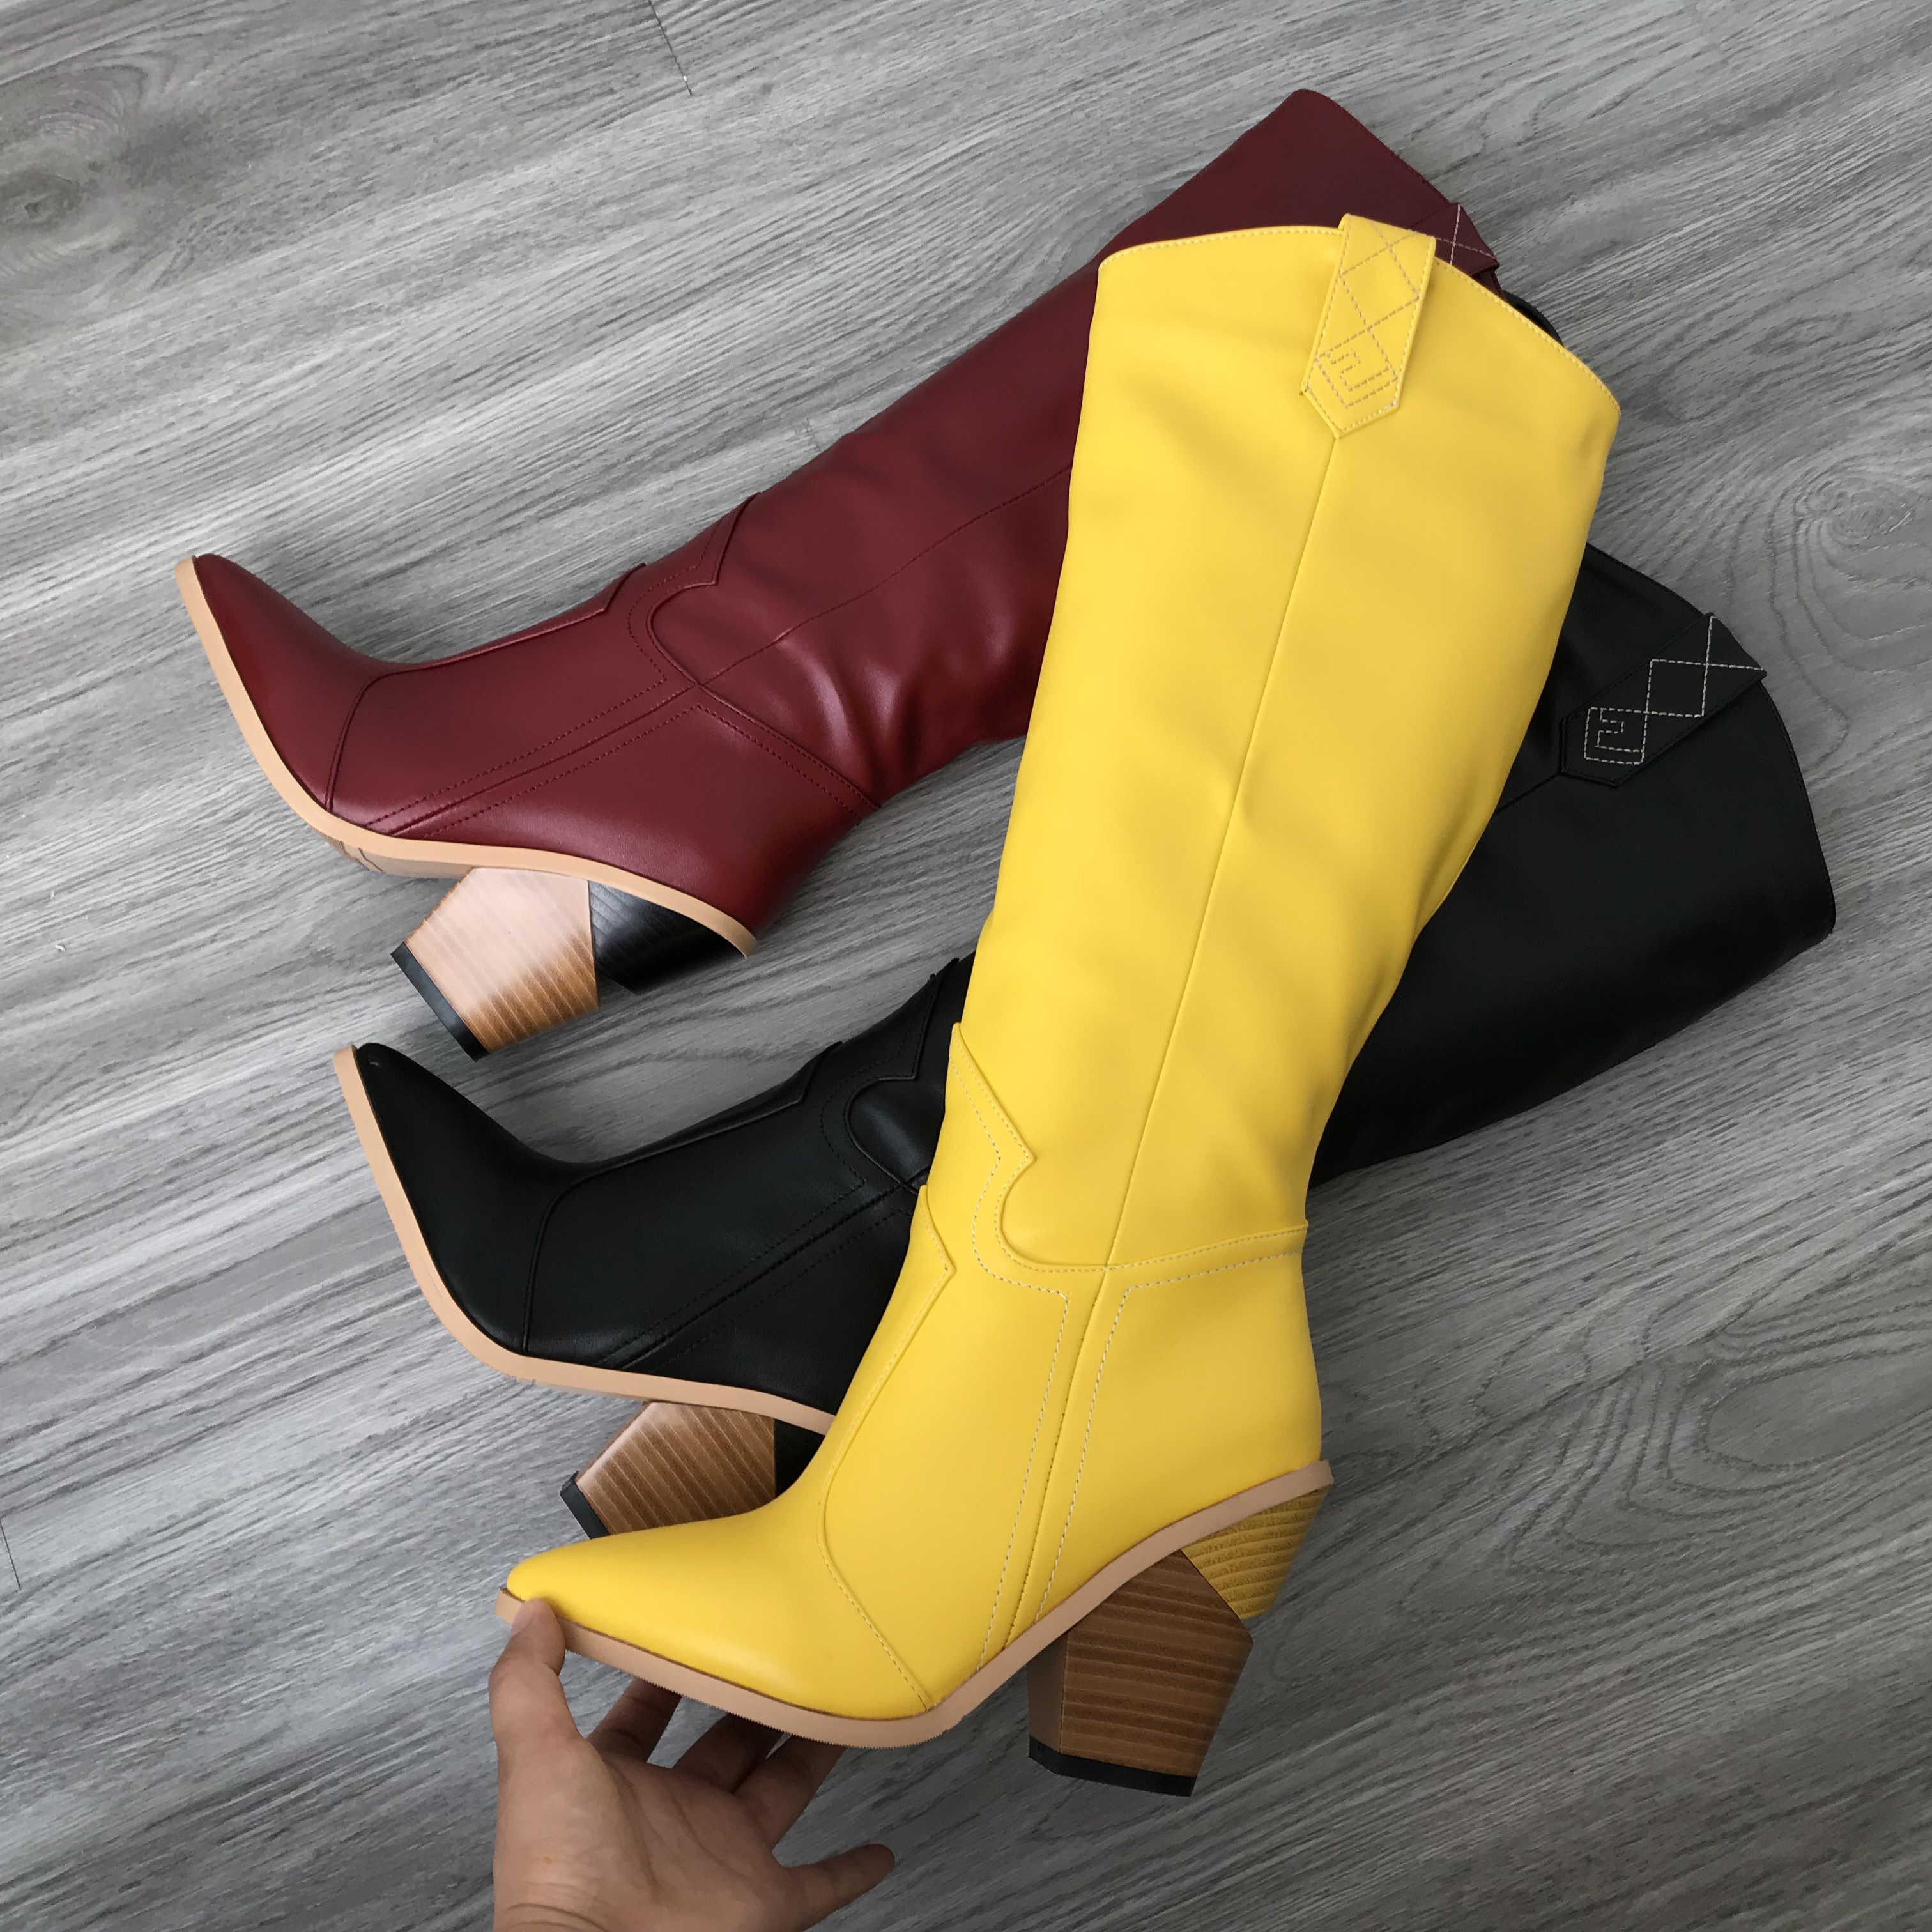 Sarı pembe yılan baskı kovboy çizmeleri kadınlar için kama topuklu kış batı uzun çizmeler ayakkabı kadın 2019 suni deri diz çizmeler